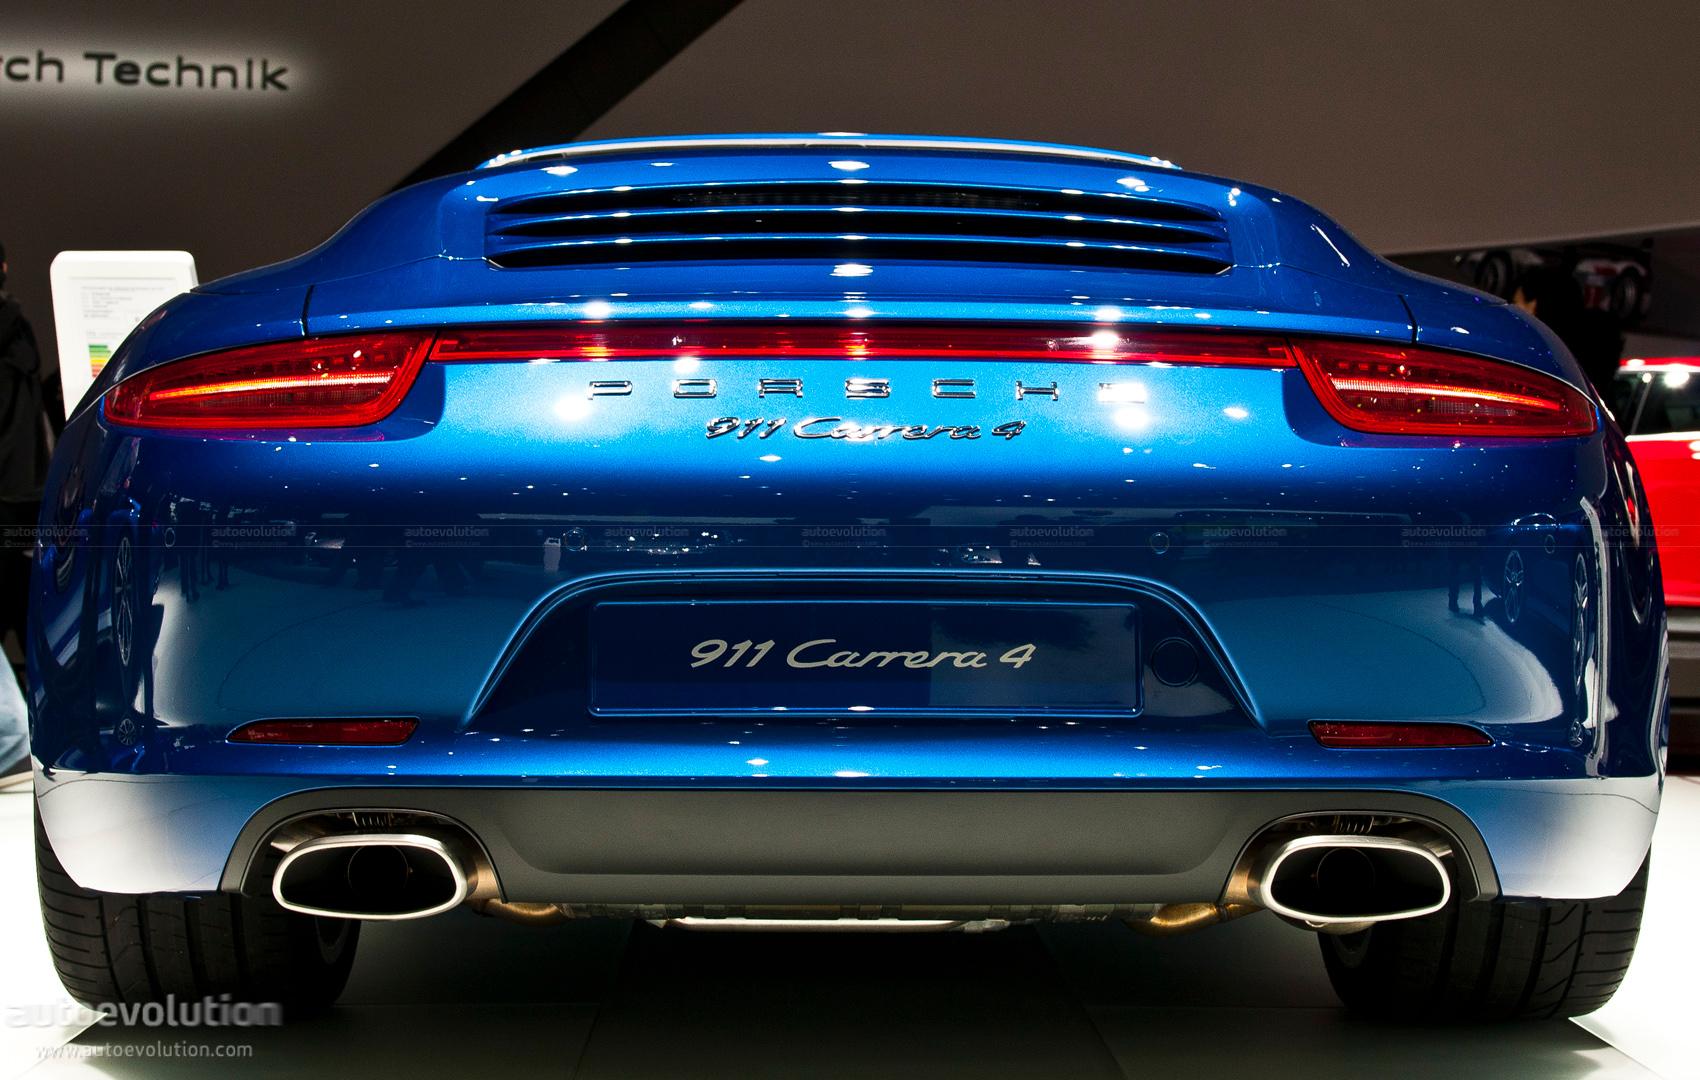 Paris 2012 Porsche 911 Carrera4 Cabriolet Live Photos